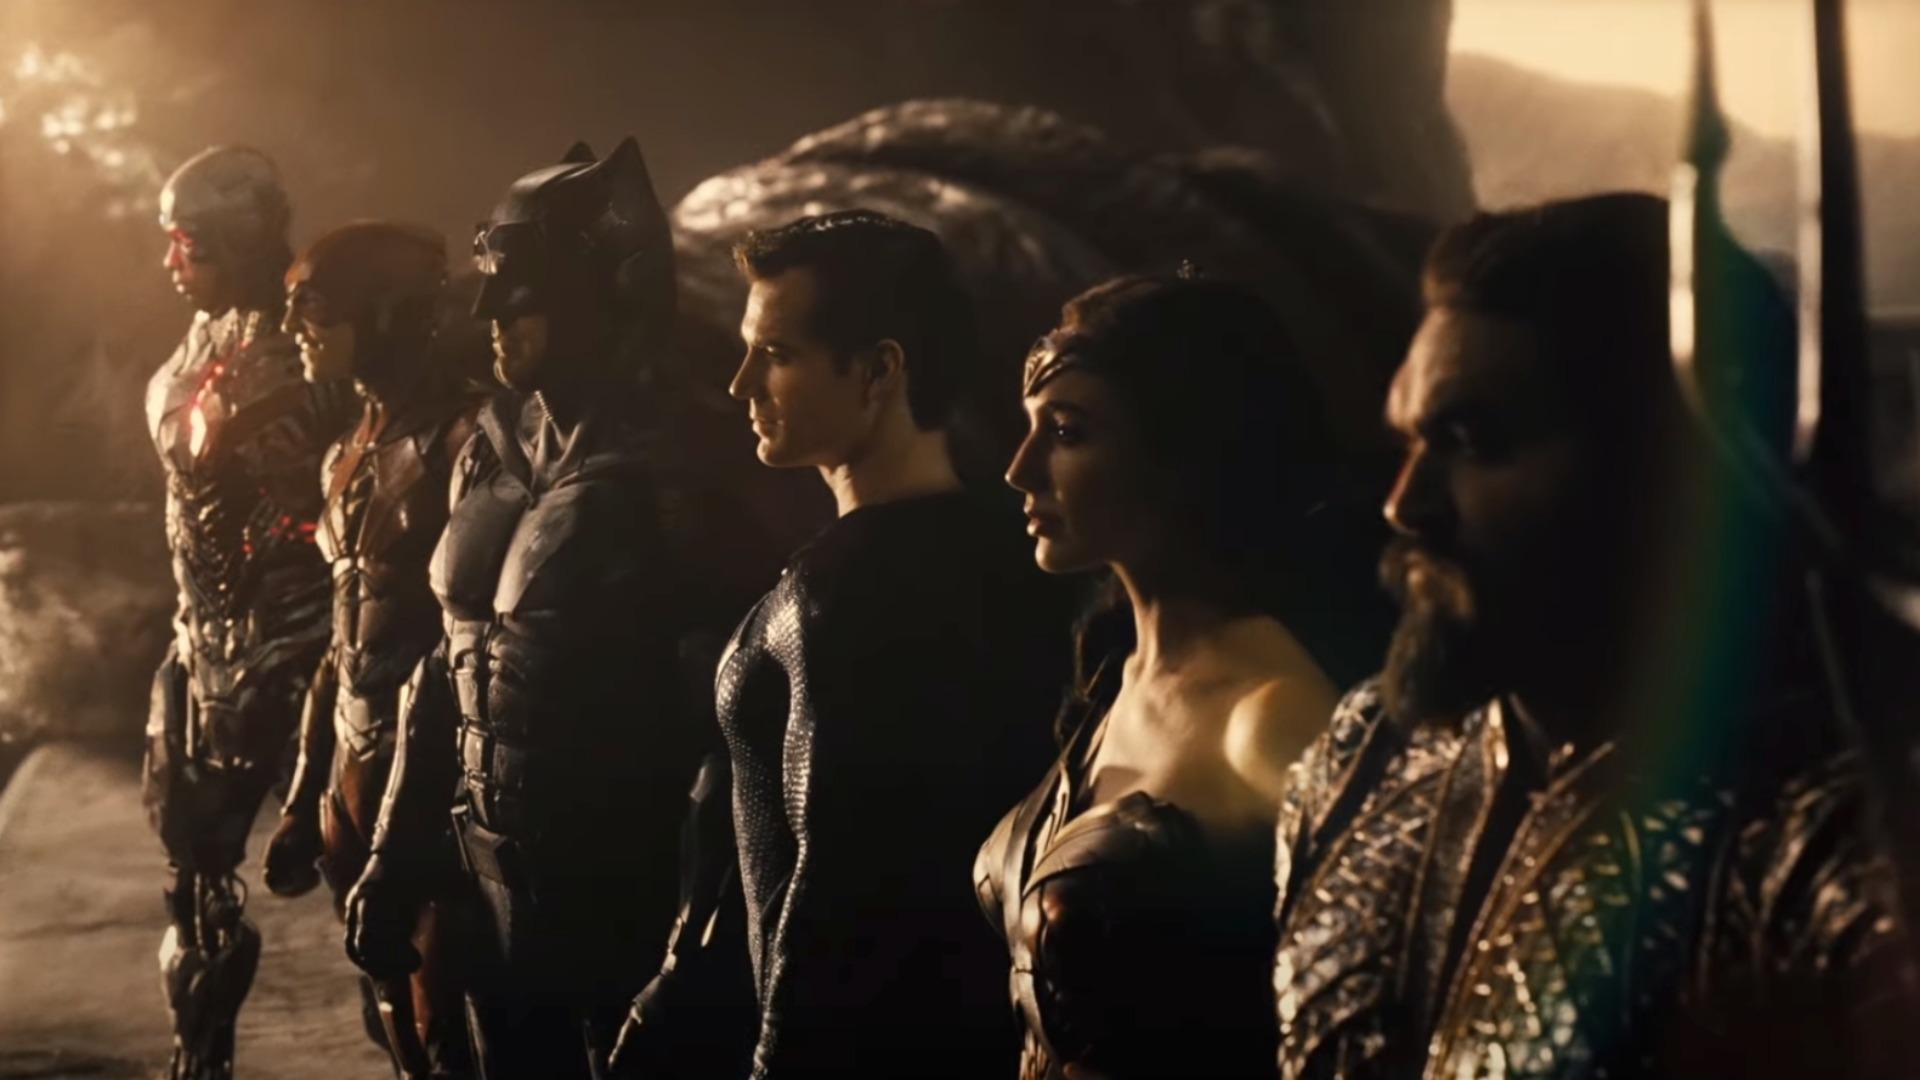 Для режиссерской версии «Лиги справедливости» сняли 4 минуты новых сцен